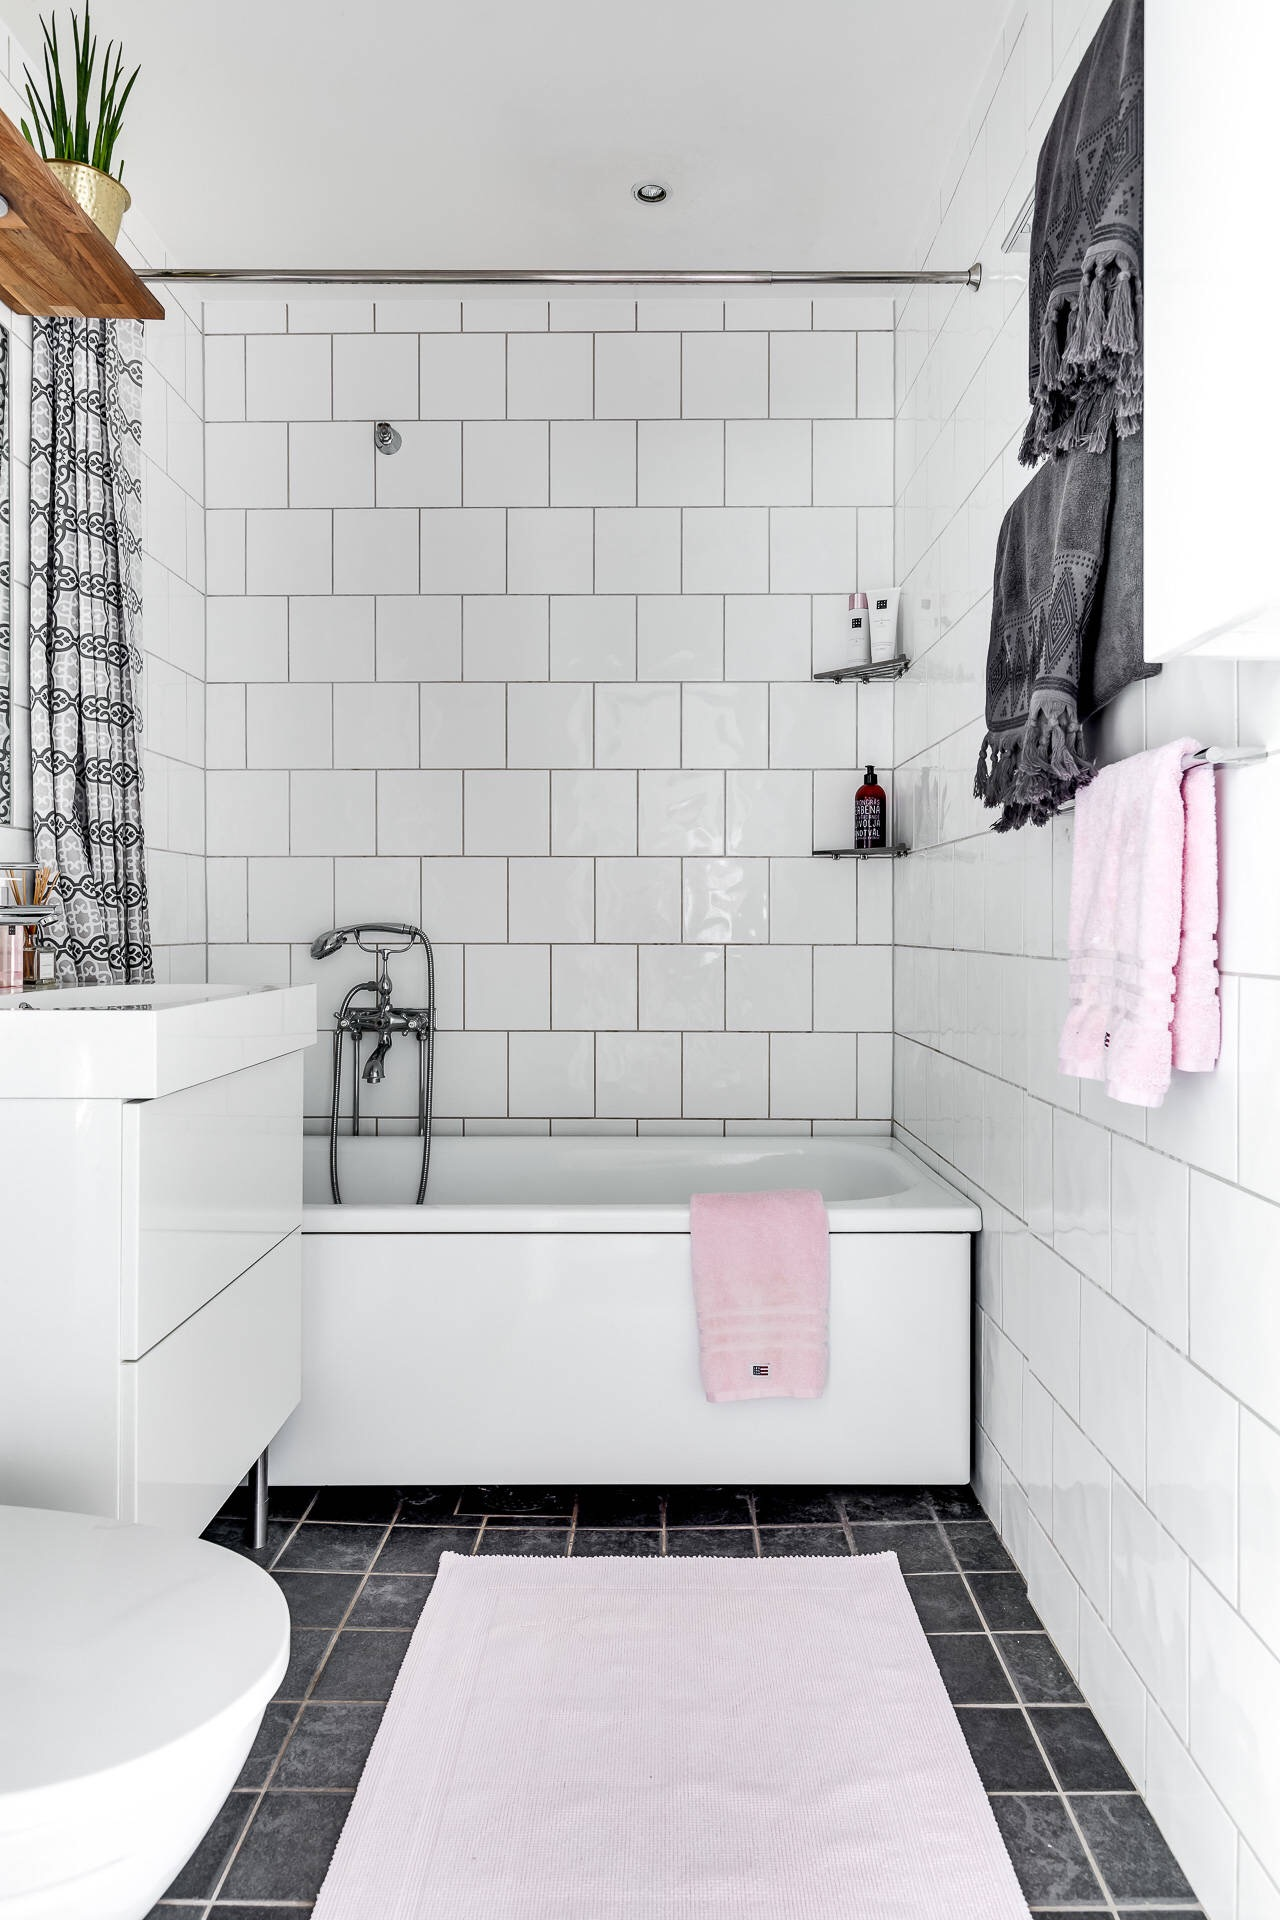 санузел ванная комната раковина комод белая квадратная плитка